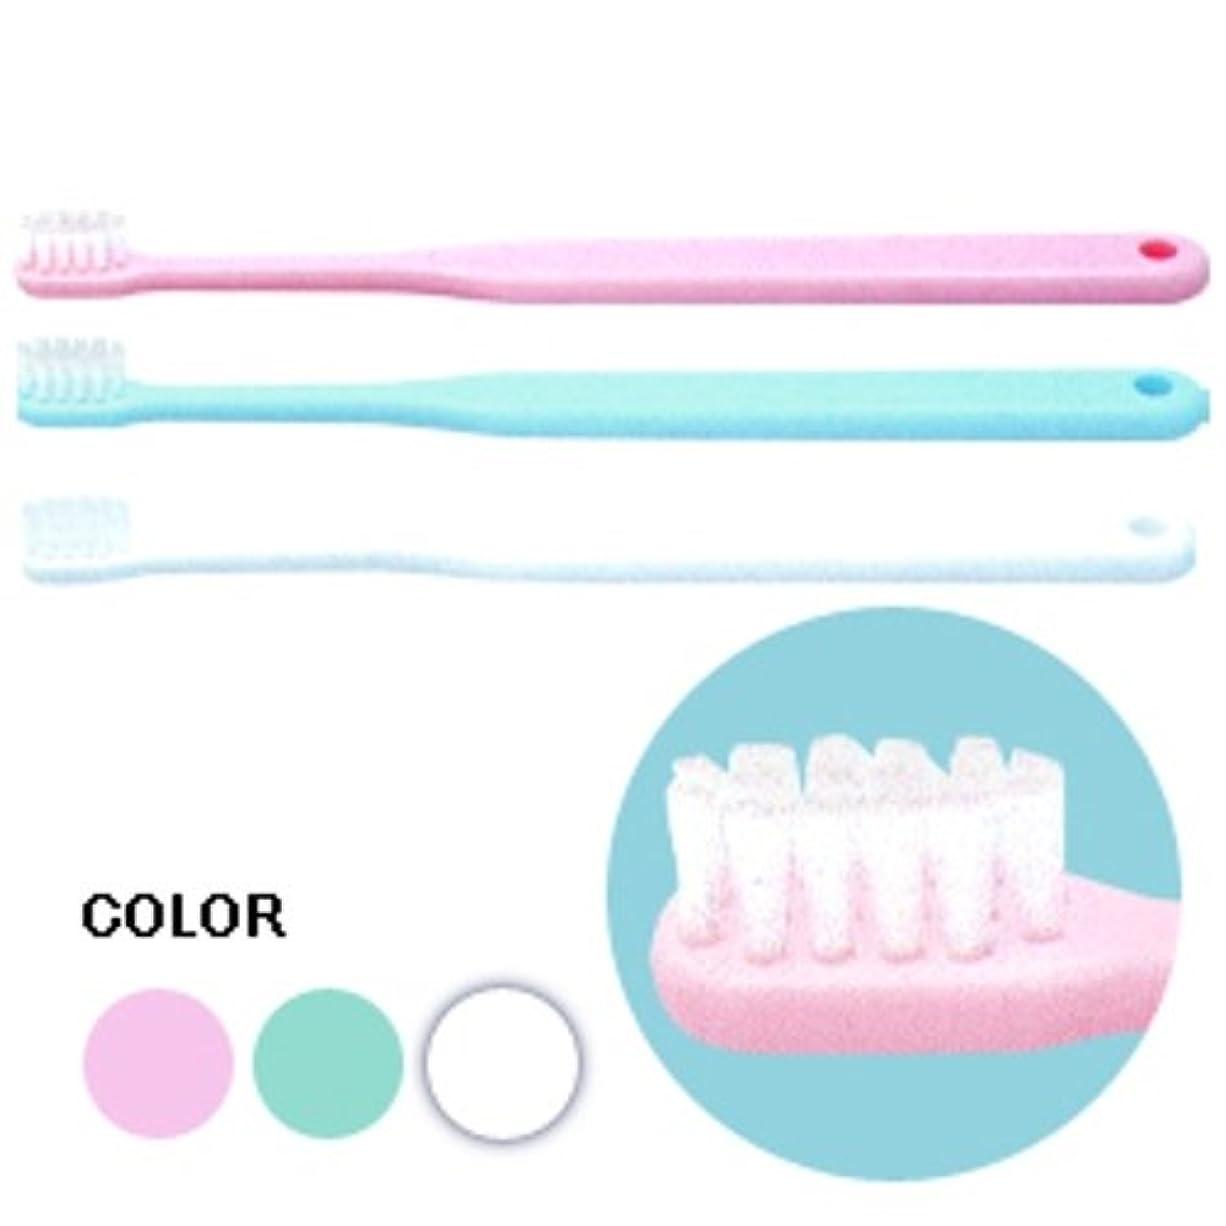 増加する領域真似るCiメディカル 歯ブラシ Ci602 仕上げ磨き用 × 3本 アソート